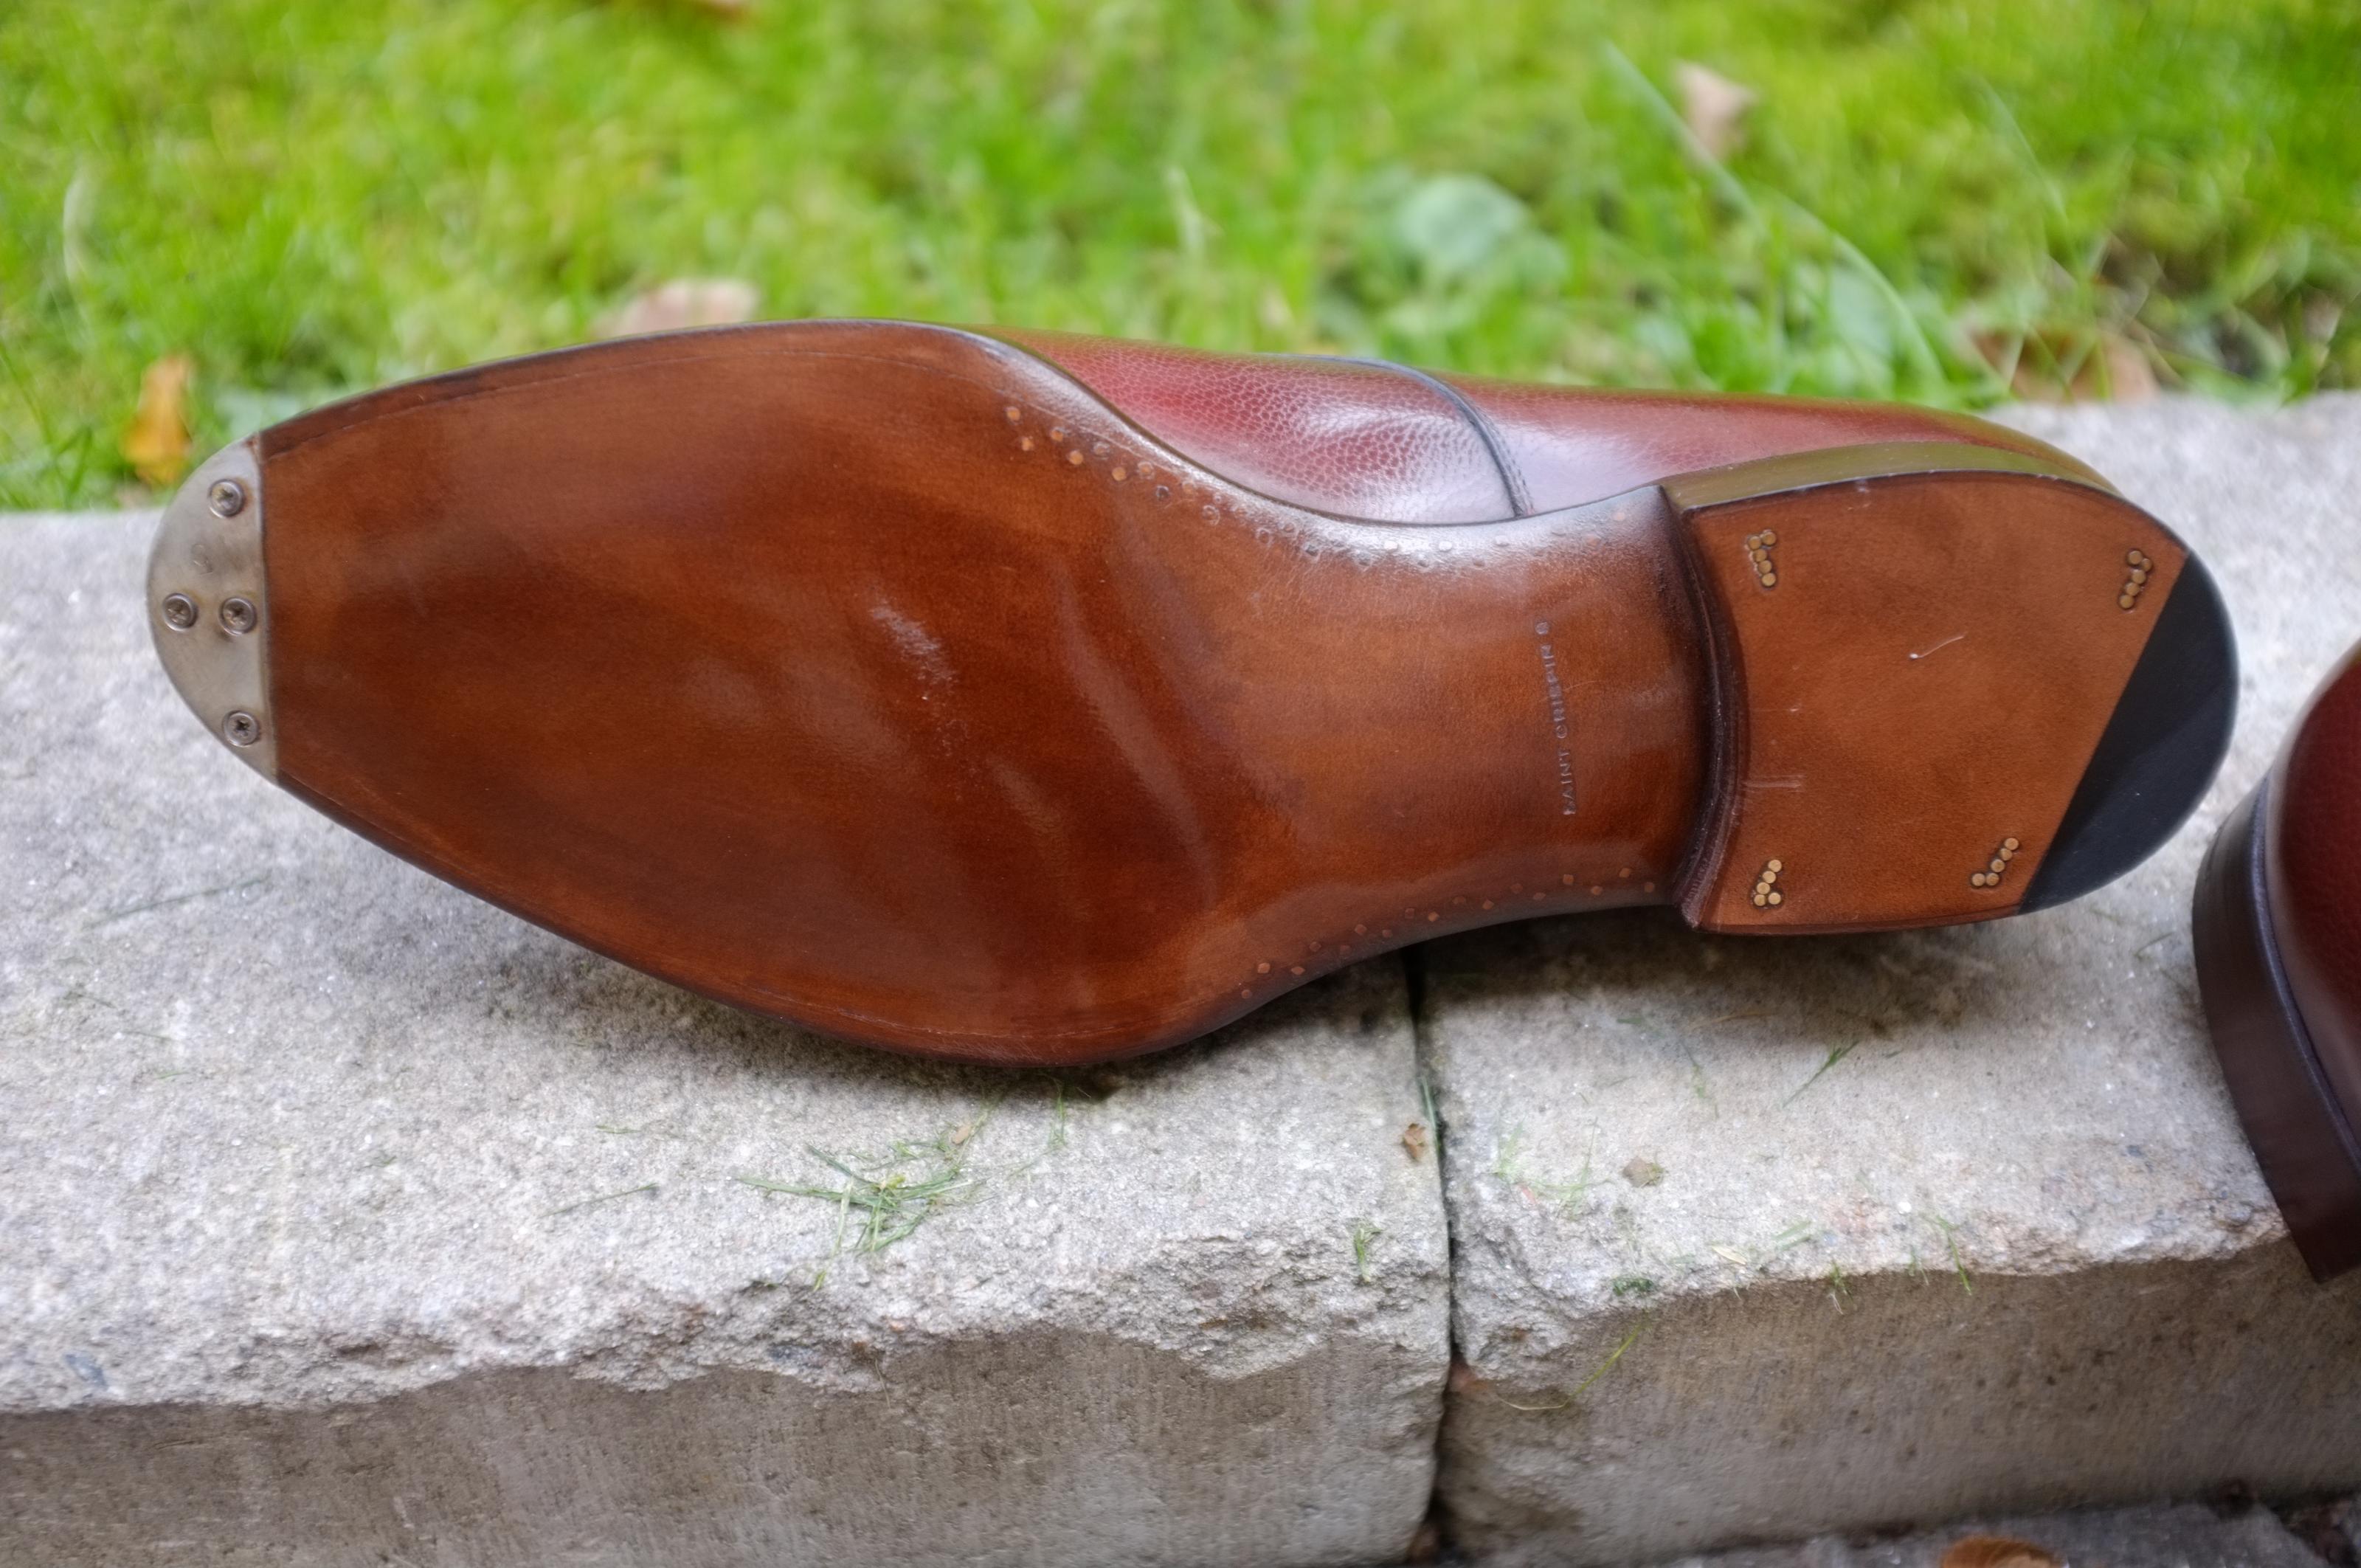 Saint Crispins lädersula med infällda tåjärn som känns lika genomarbetad  som ovanlädret. c80ed32edaf2e